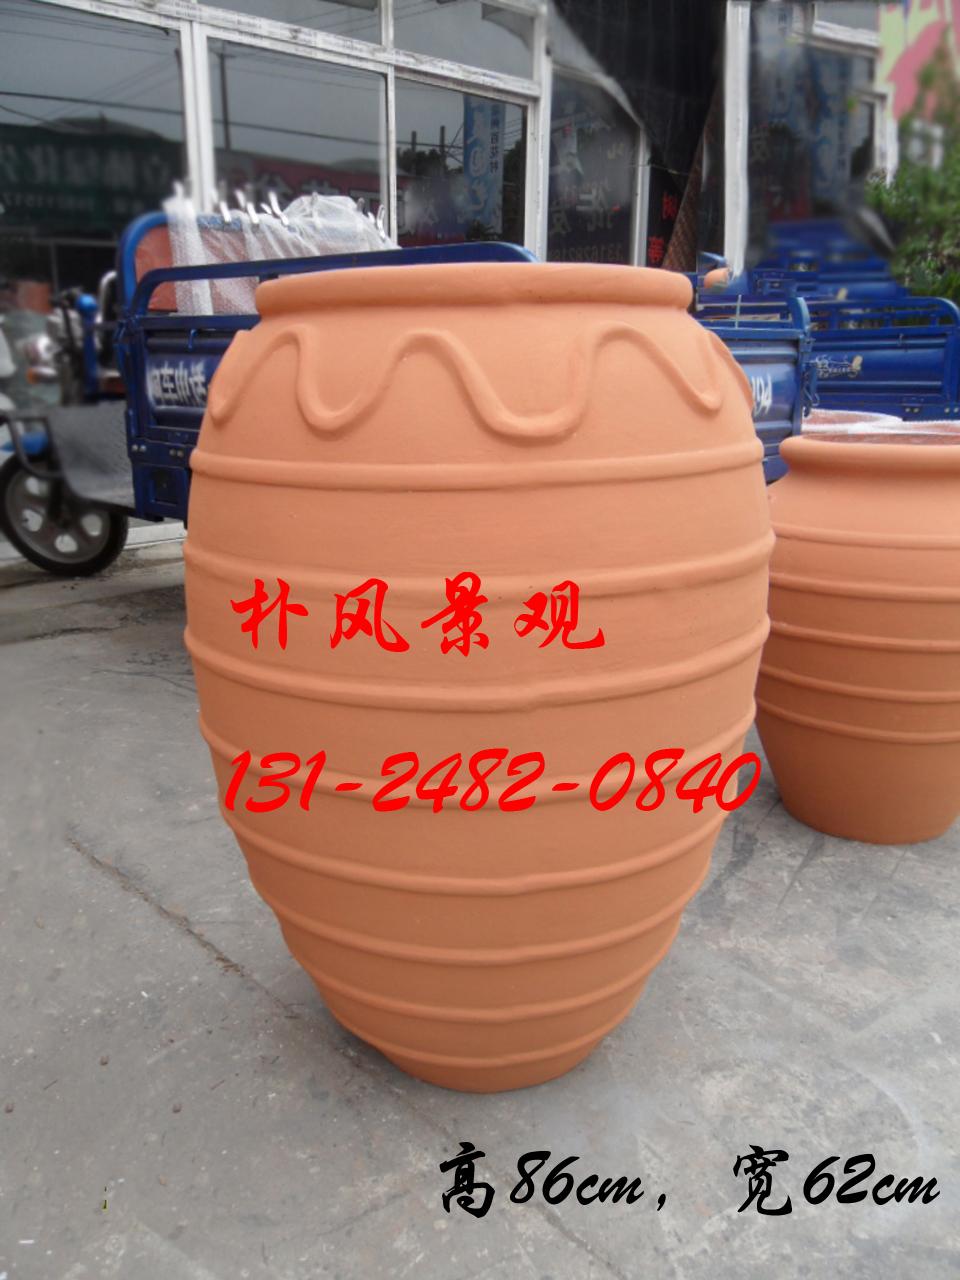 超大型サイズのマグネシウムおろしの植木鉢を植えた植木鉢です。欧風の植木鉢です。家庭園芸花園の景観は欧風の植木鉢です。